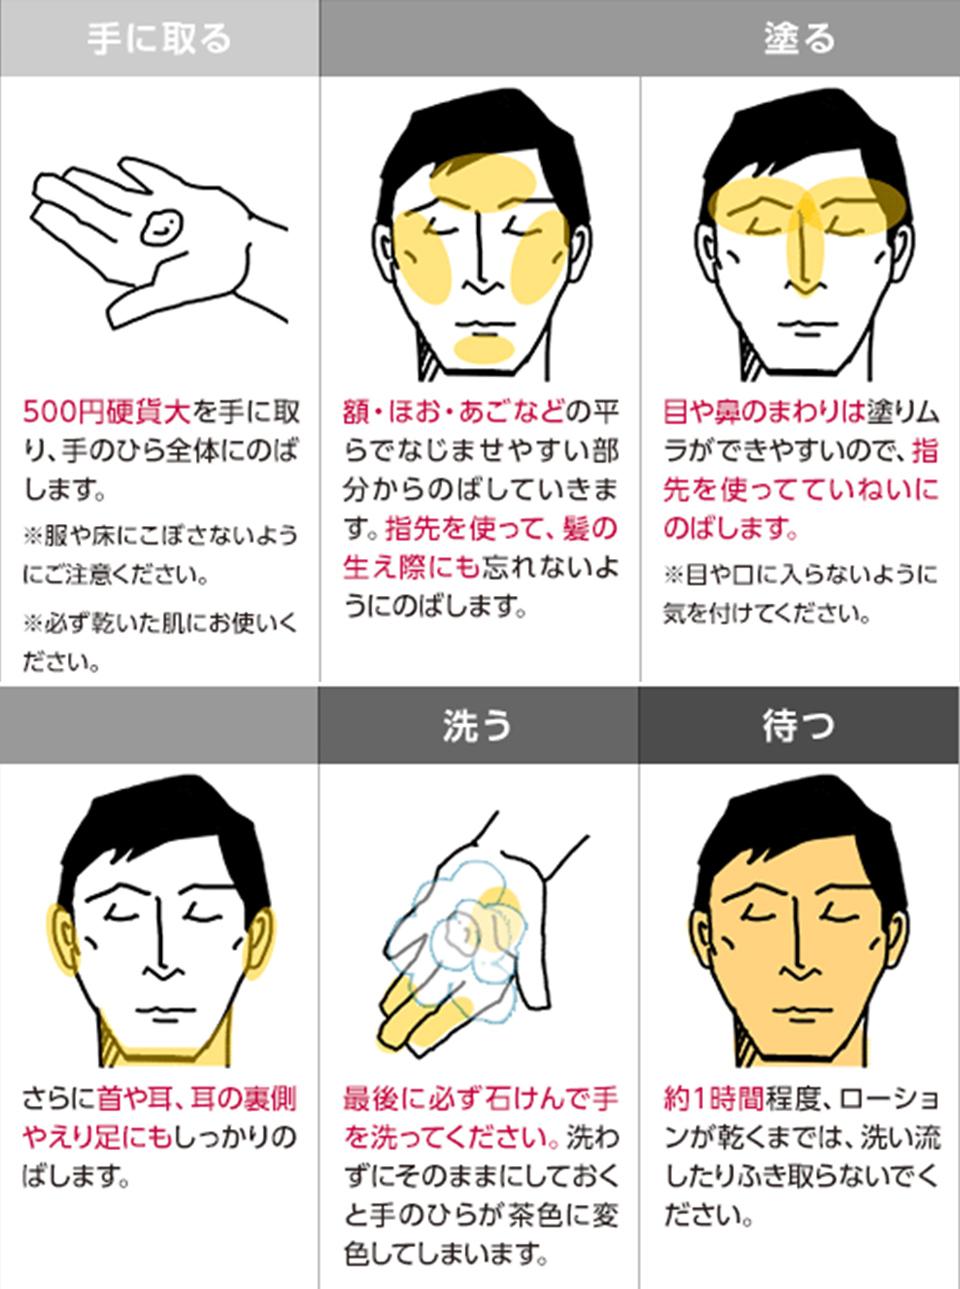 洗顔後肌に直接つけるだけで簡単に小麦肌を演出できるセプテンバー